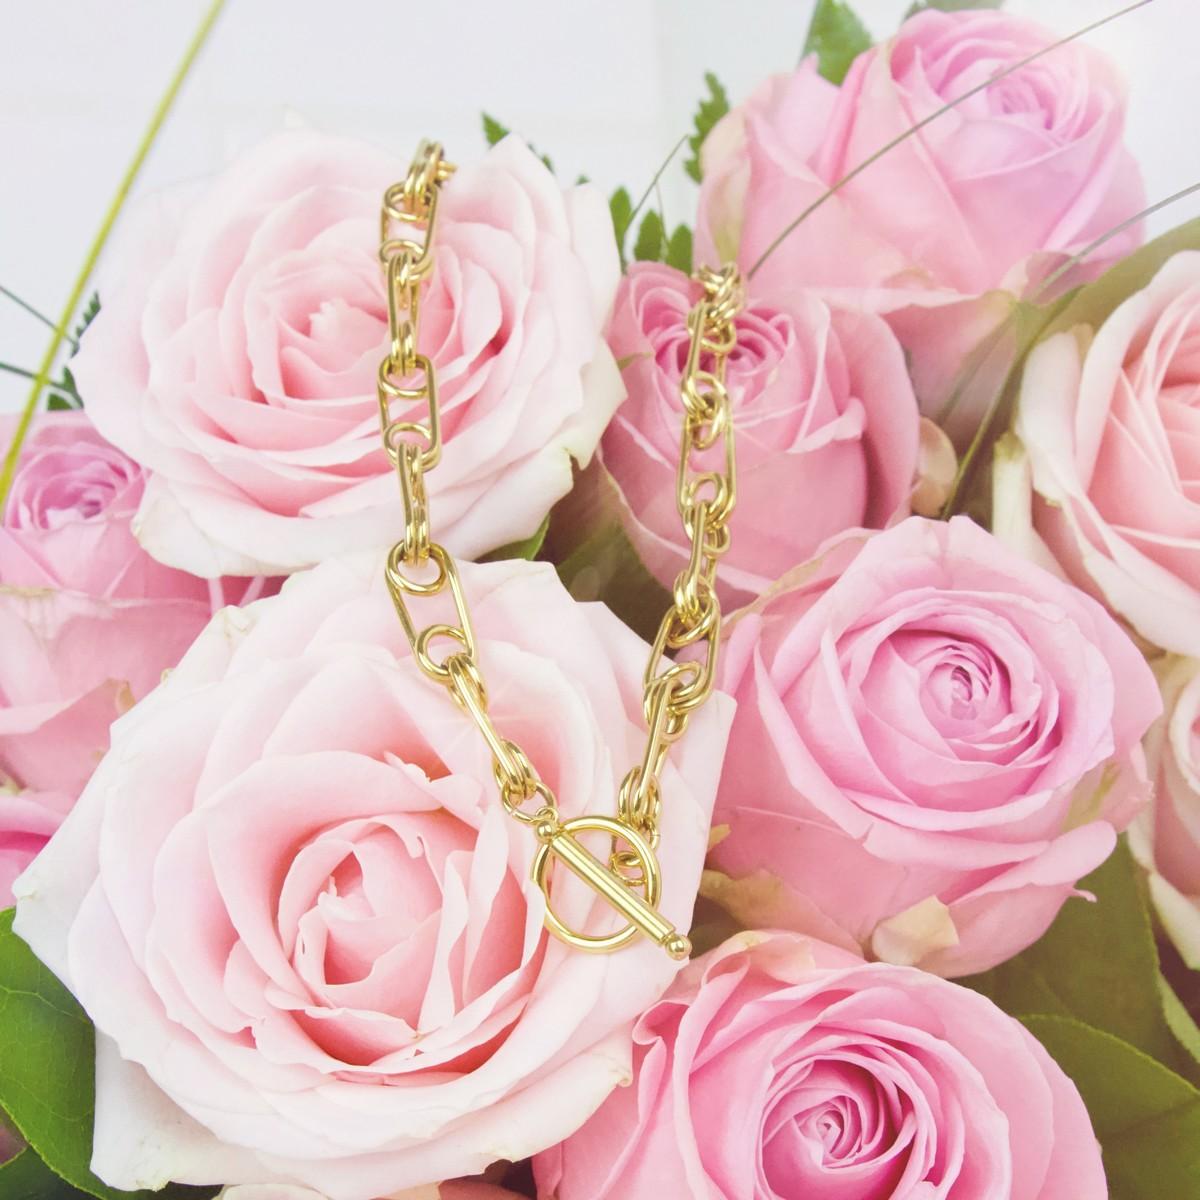 collier doré Hazanellie sur bouquet de roses